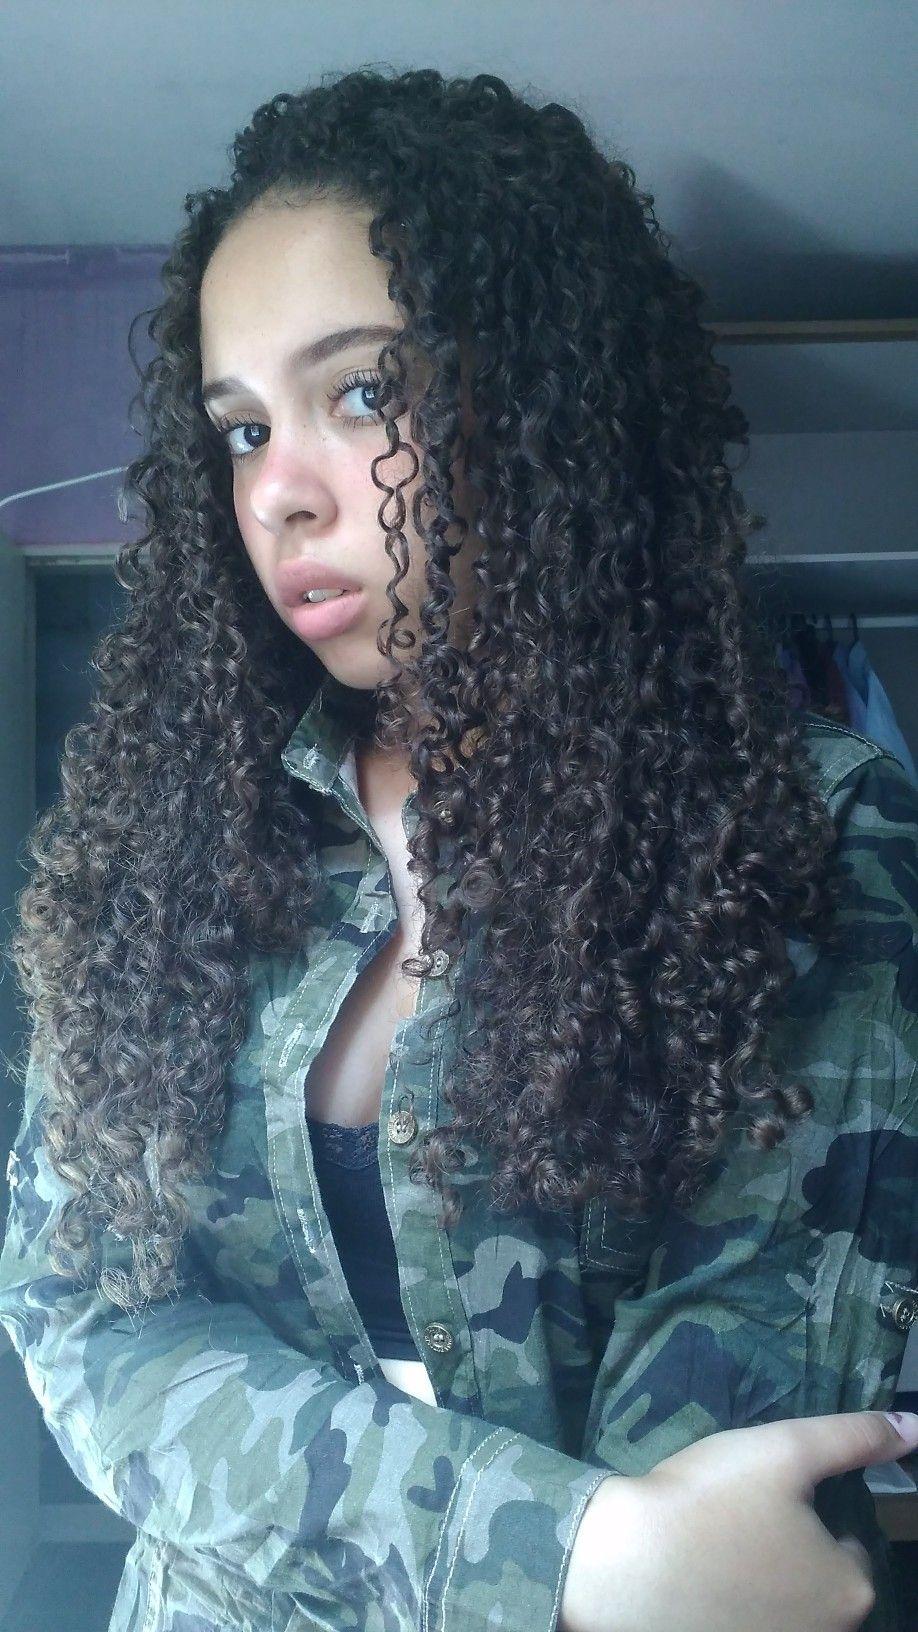 tumblr girl, curly hair instagram: @camilagadel | hαírr